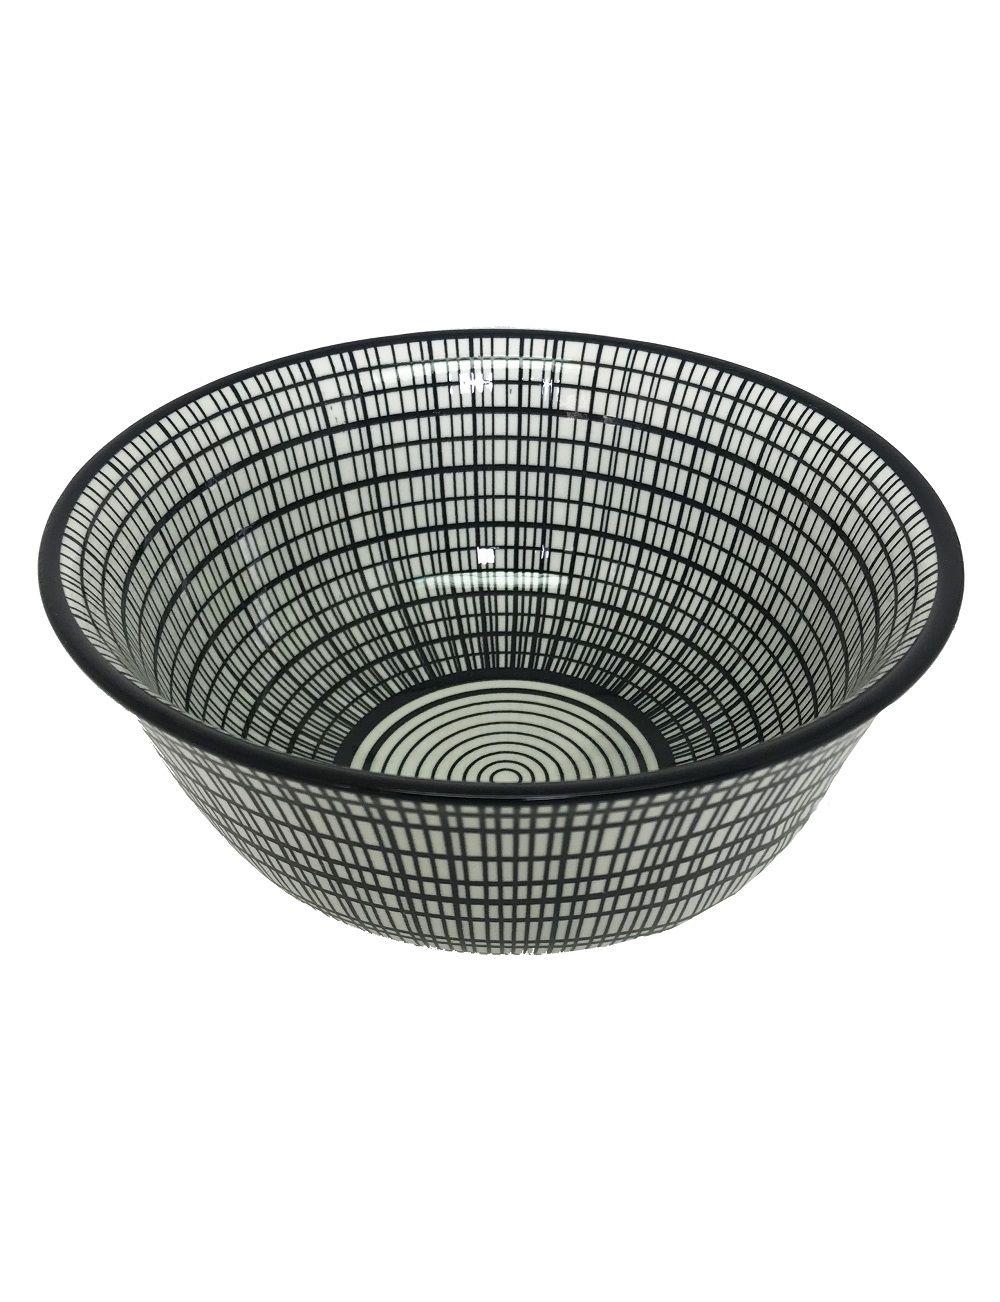 Bowl de Cerâmica Xadrez Preto e Branco